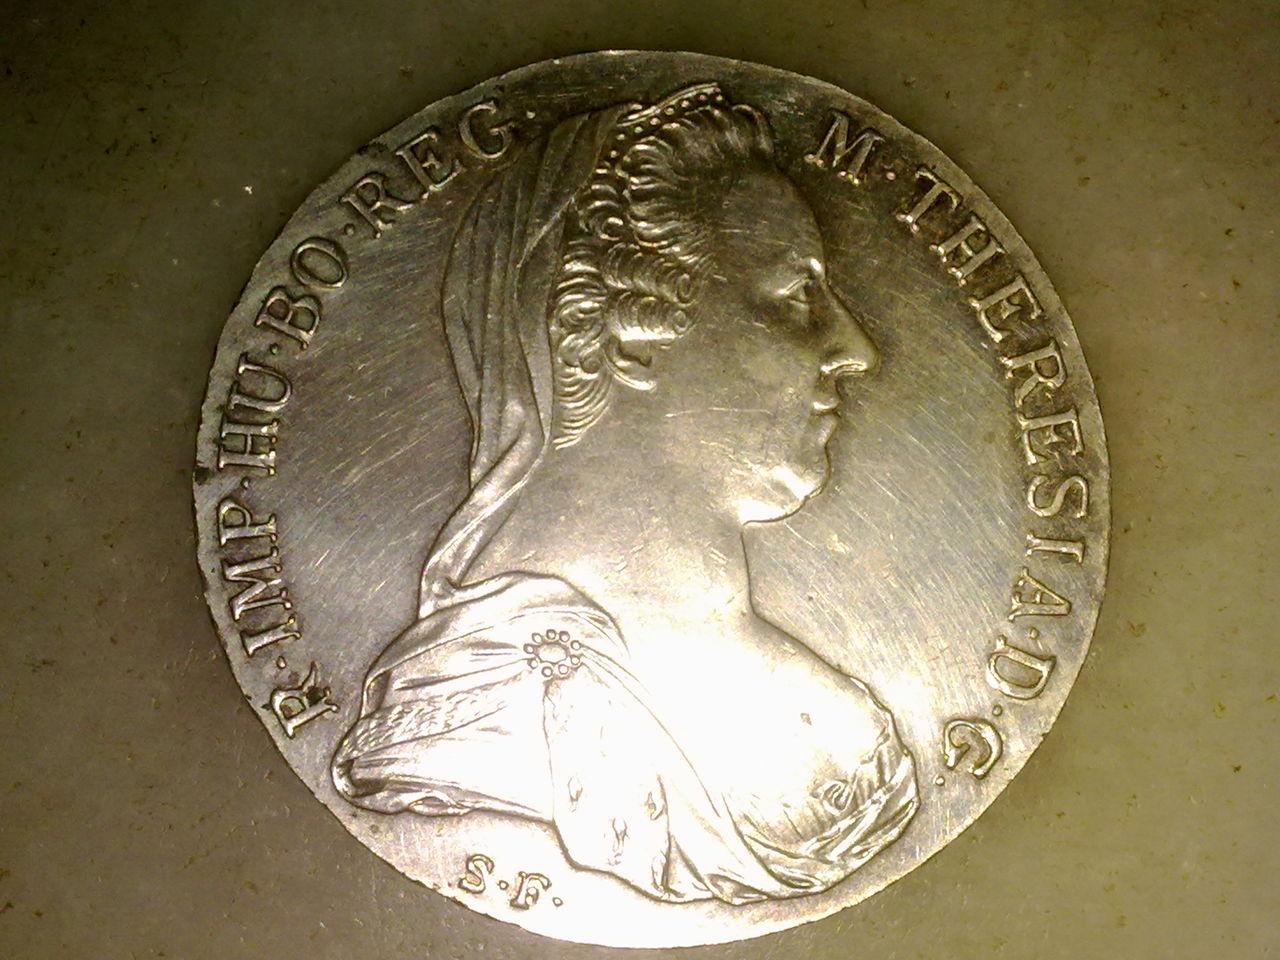 1 Thaler de Maria Teresa. Austria. 1780. Reacuñación.  M_teresa_002